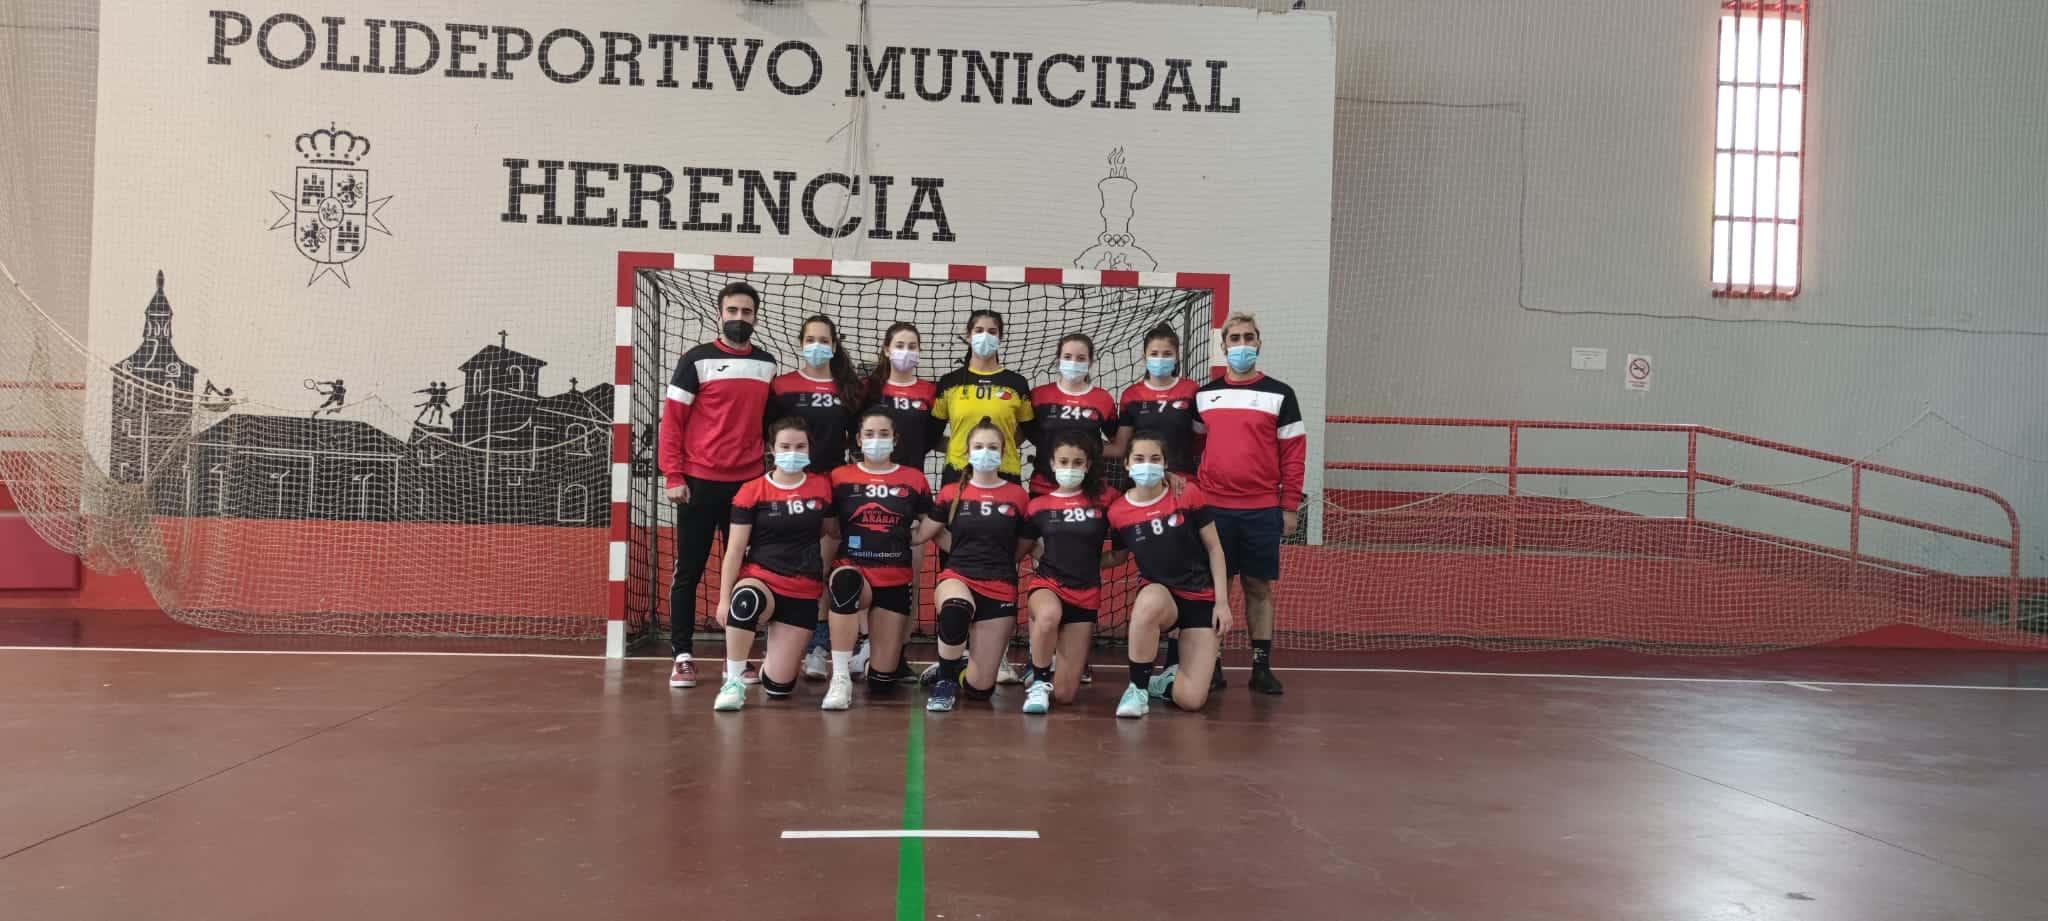 Balonmano en la semana del deporte escolar en Herencia 7